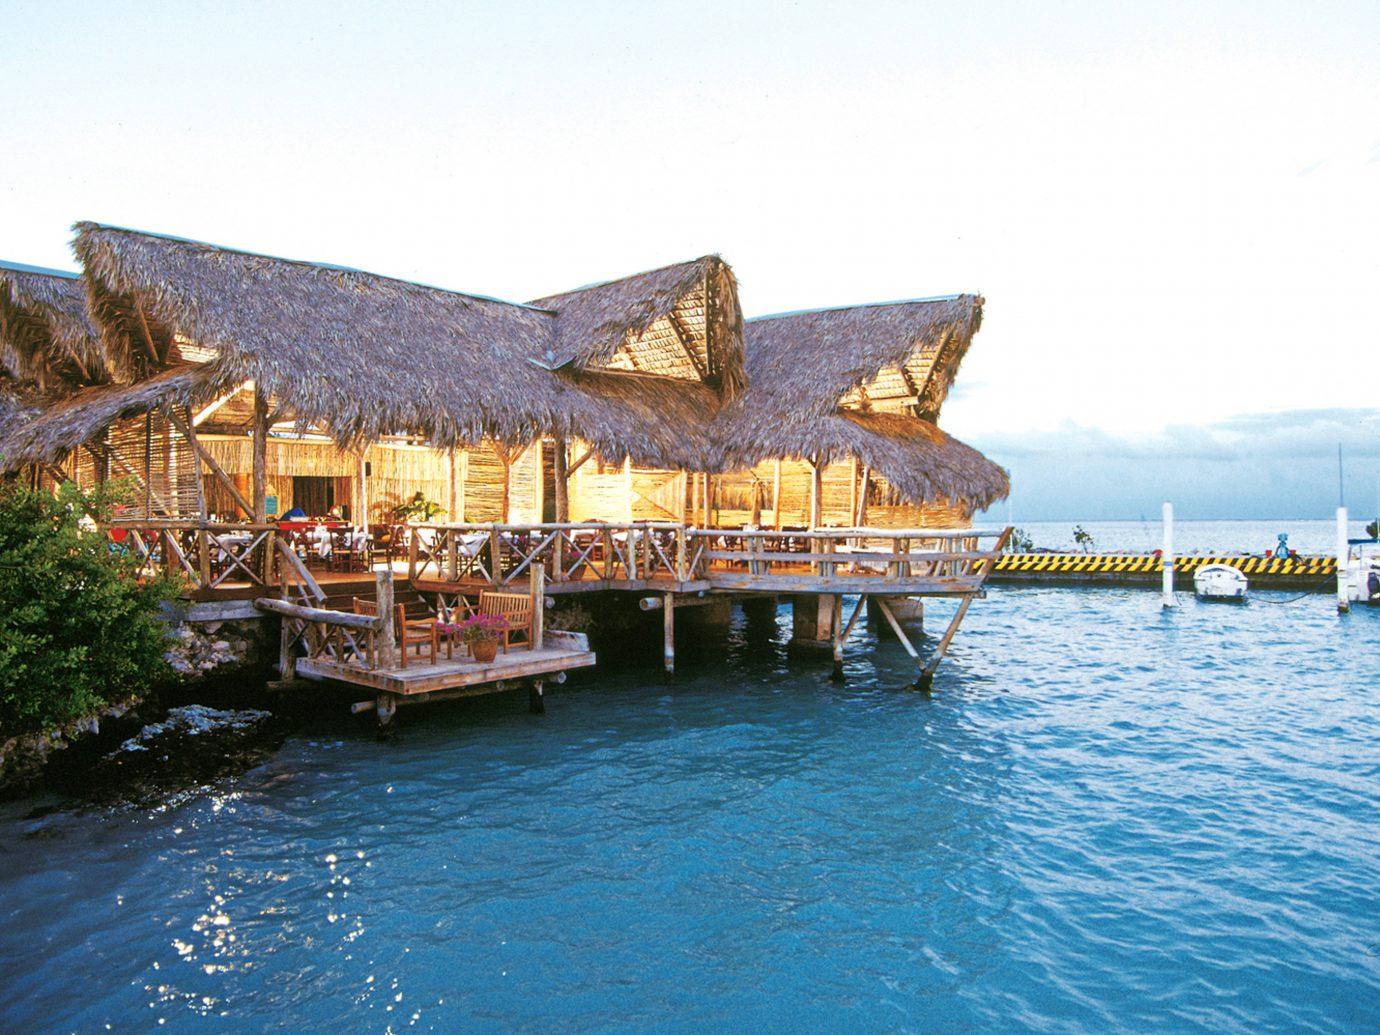 Torguga Bay Hotel In Punta Cana, Dominican Republic